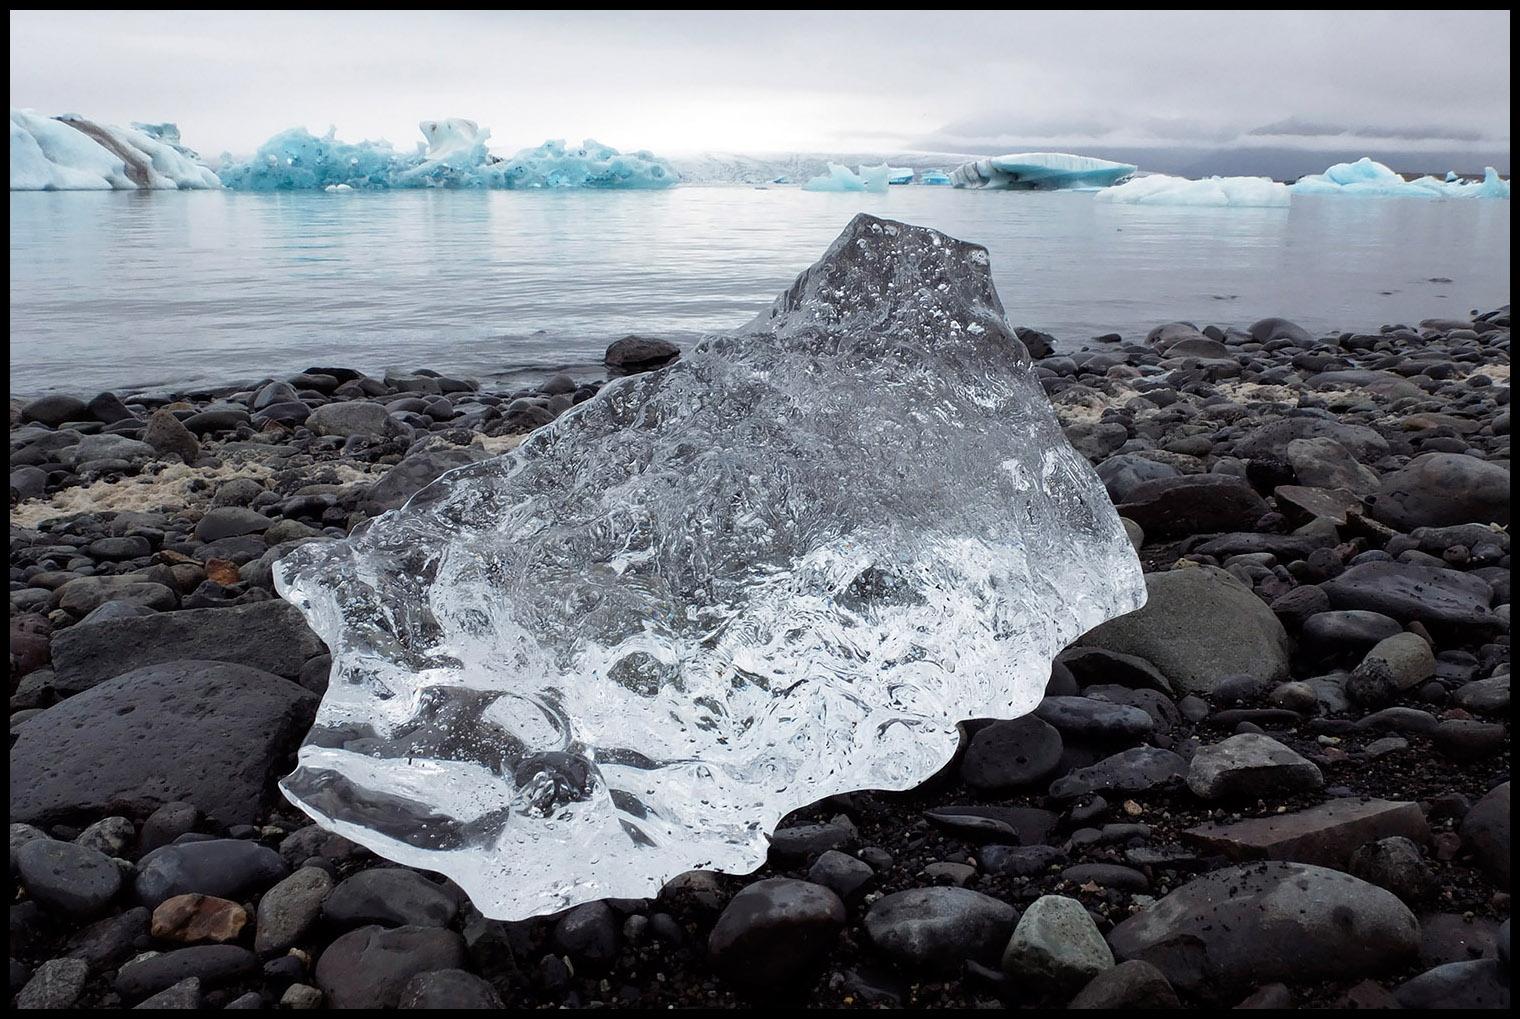 Lago Jökulsárlón, Islândia.    Esta fotografia foi captada com uma câmara compacta Fujifilm X10. O pequeno sensor de apenas 2/3'' consegue uma profundidade de campo espantosa mesmo a grandes aberturas e a curtíssimas distâncias do objeto em primeiro plano (foi utilizado o modo macro para focar no bloco de gelo). Por outro lado, como não tem espelho, evita vibrações durante o disparo - mesmo com velocidades lentas - e possibilita a utilização de um ISO baixo. Com uma reflex, dificilmente conseguia o mesmo resultado de forma tão fácil e rápida. E desenganem-se os que pensam que esta foto só funciona em ecrã: tenho a respetiva impressão em formato A2 exposta em casa.